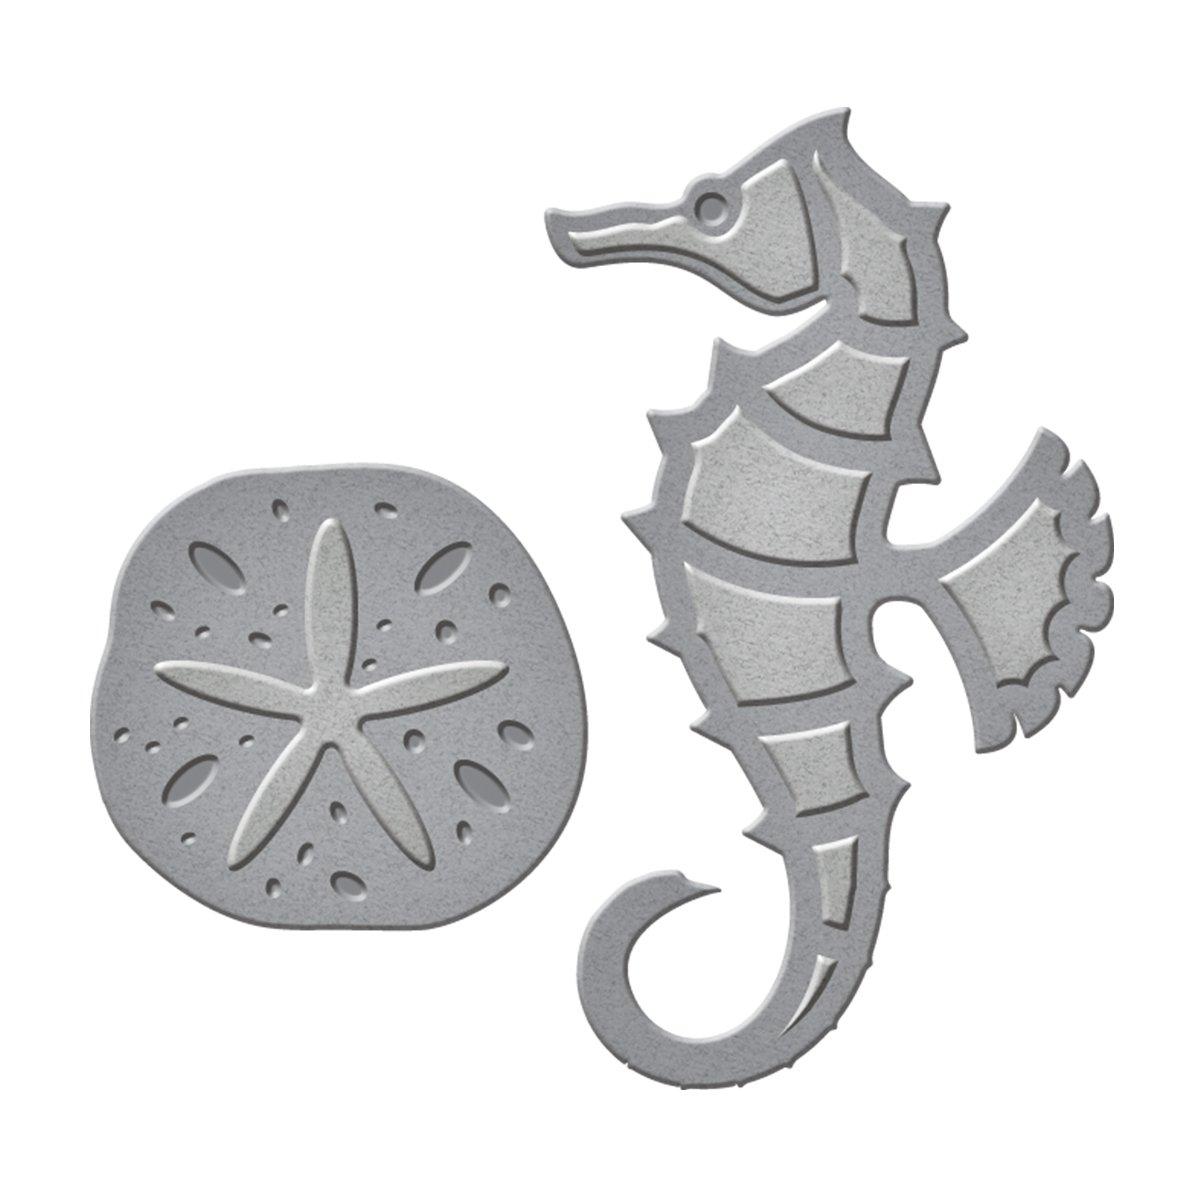 Spellbinders S1-015 D-Lites Seahorse & Sand Dollar Etched Dies by Spellbinders B01D8OQP2Q